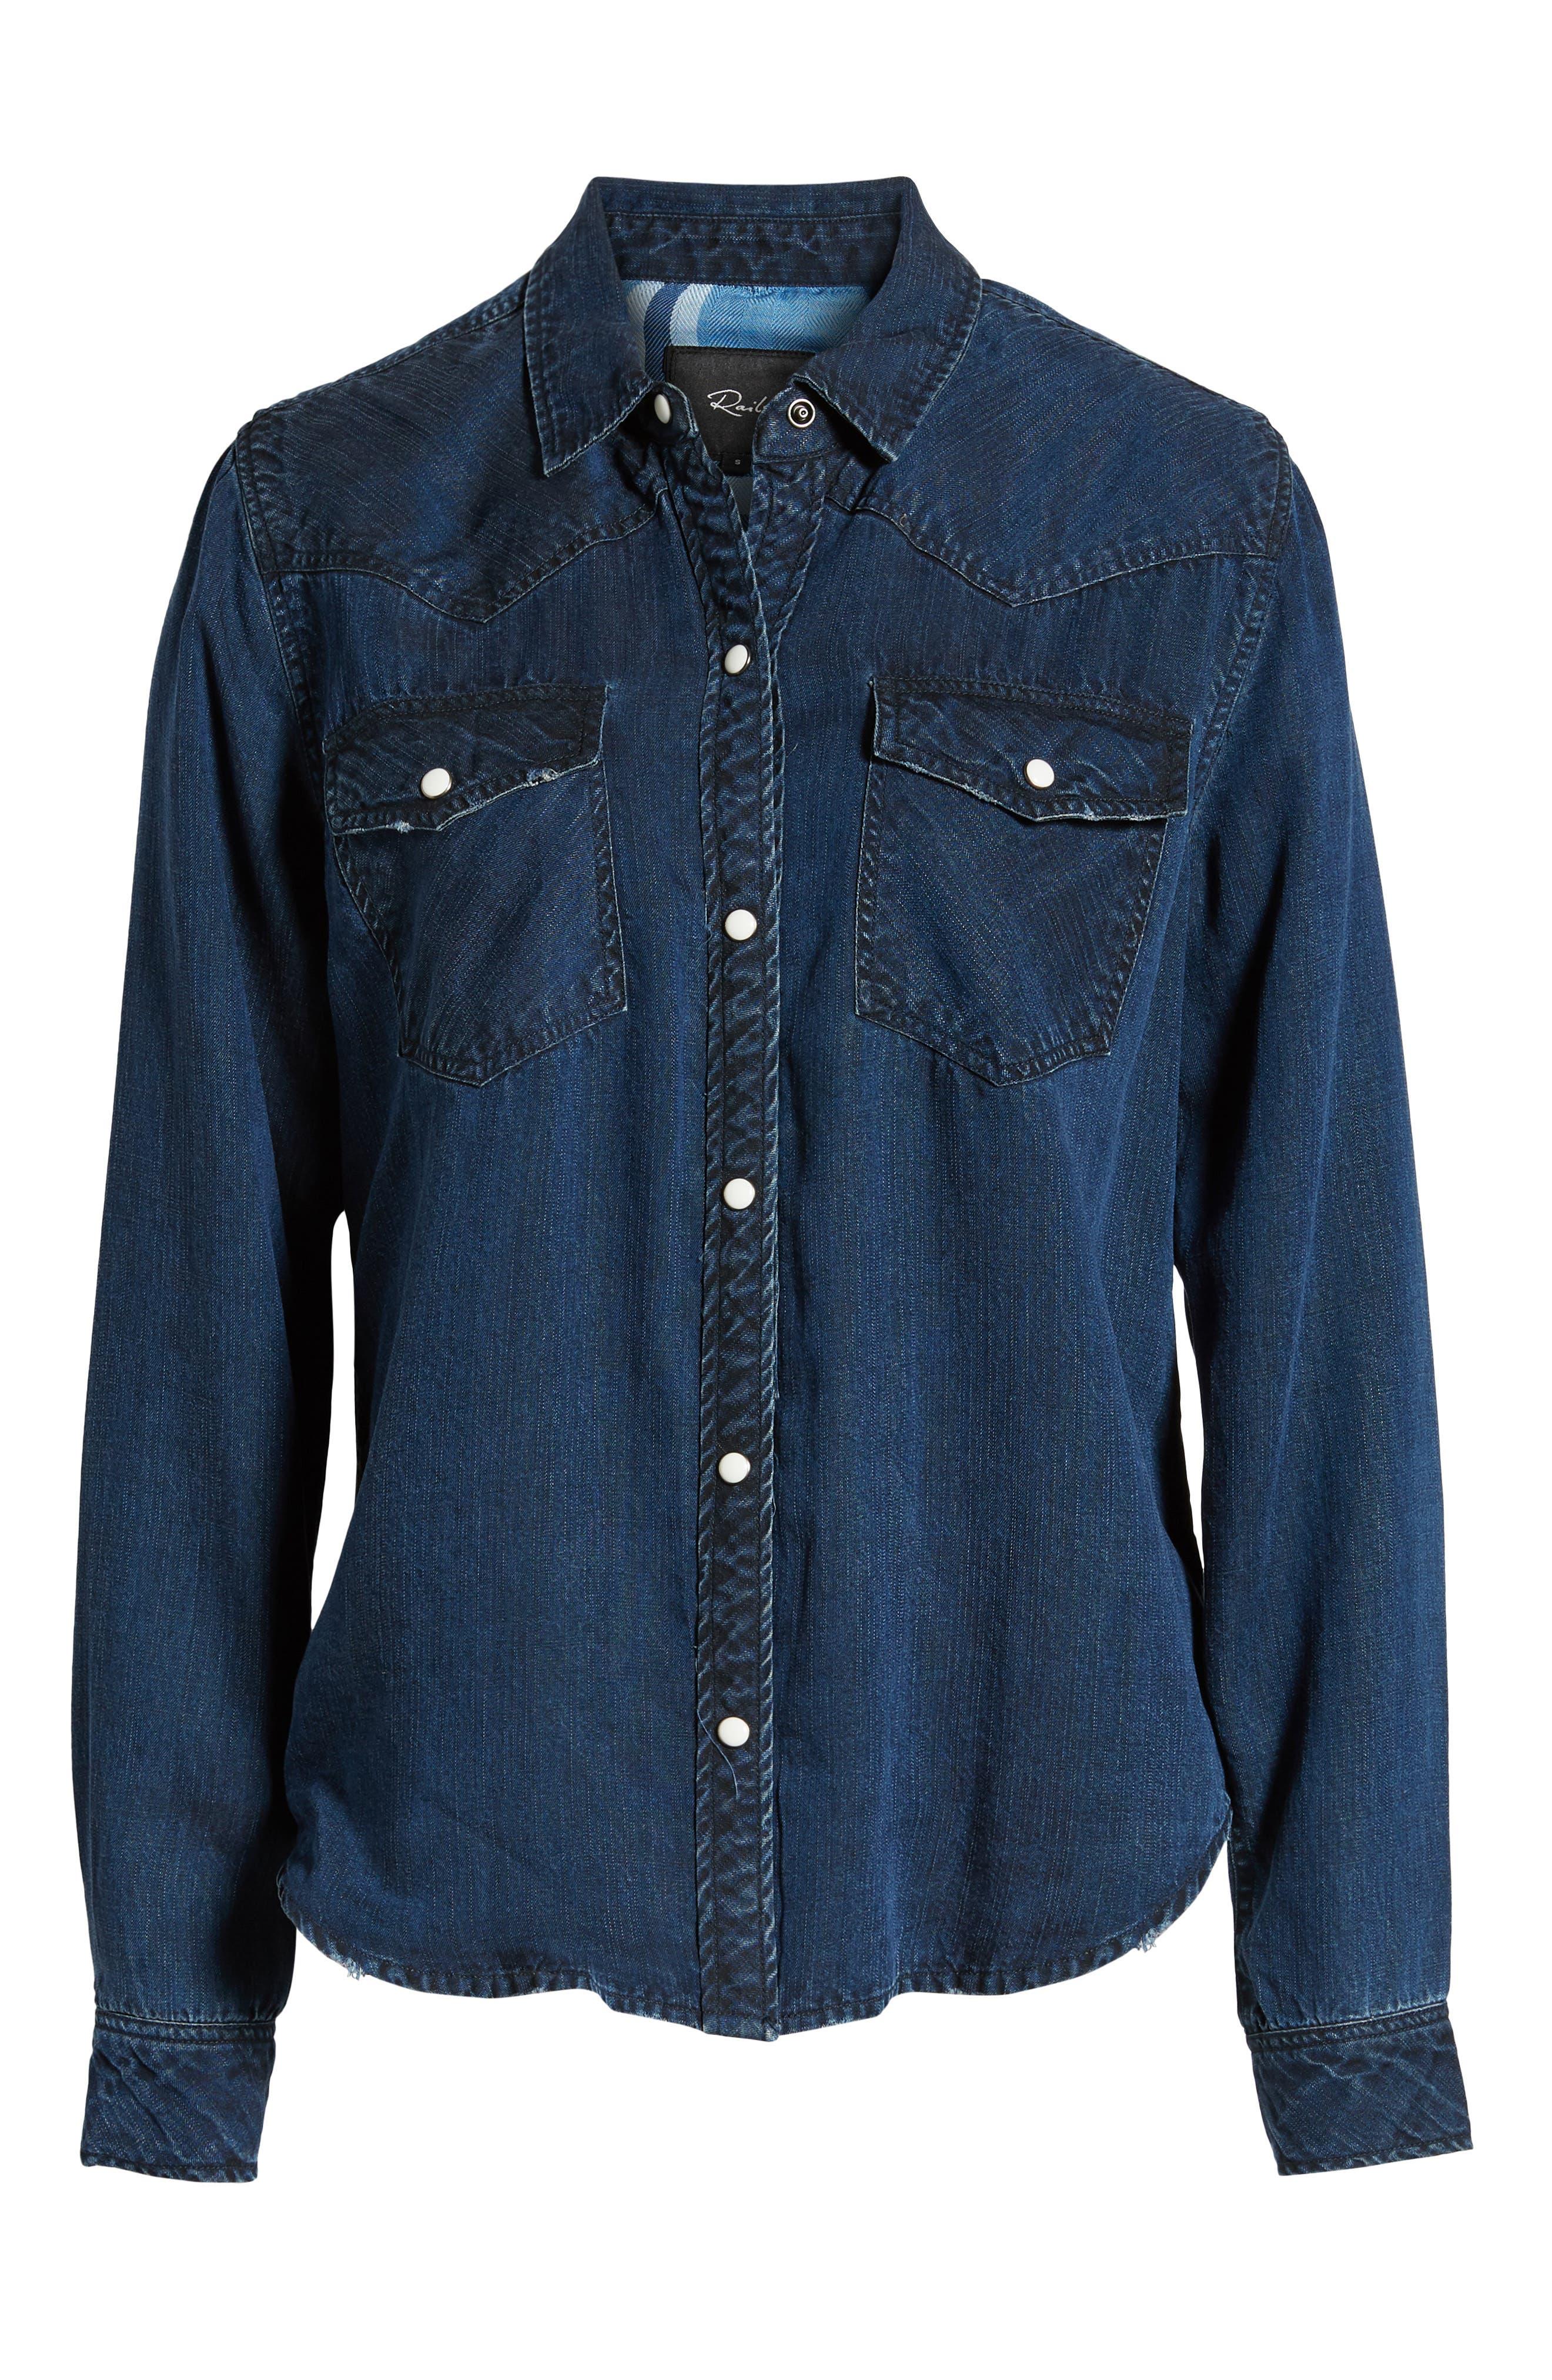 West Button Down Shirt,                             Alternate thumbnail 6, color,                             DARK VINTAGE LAPIS COAST WHITE